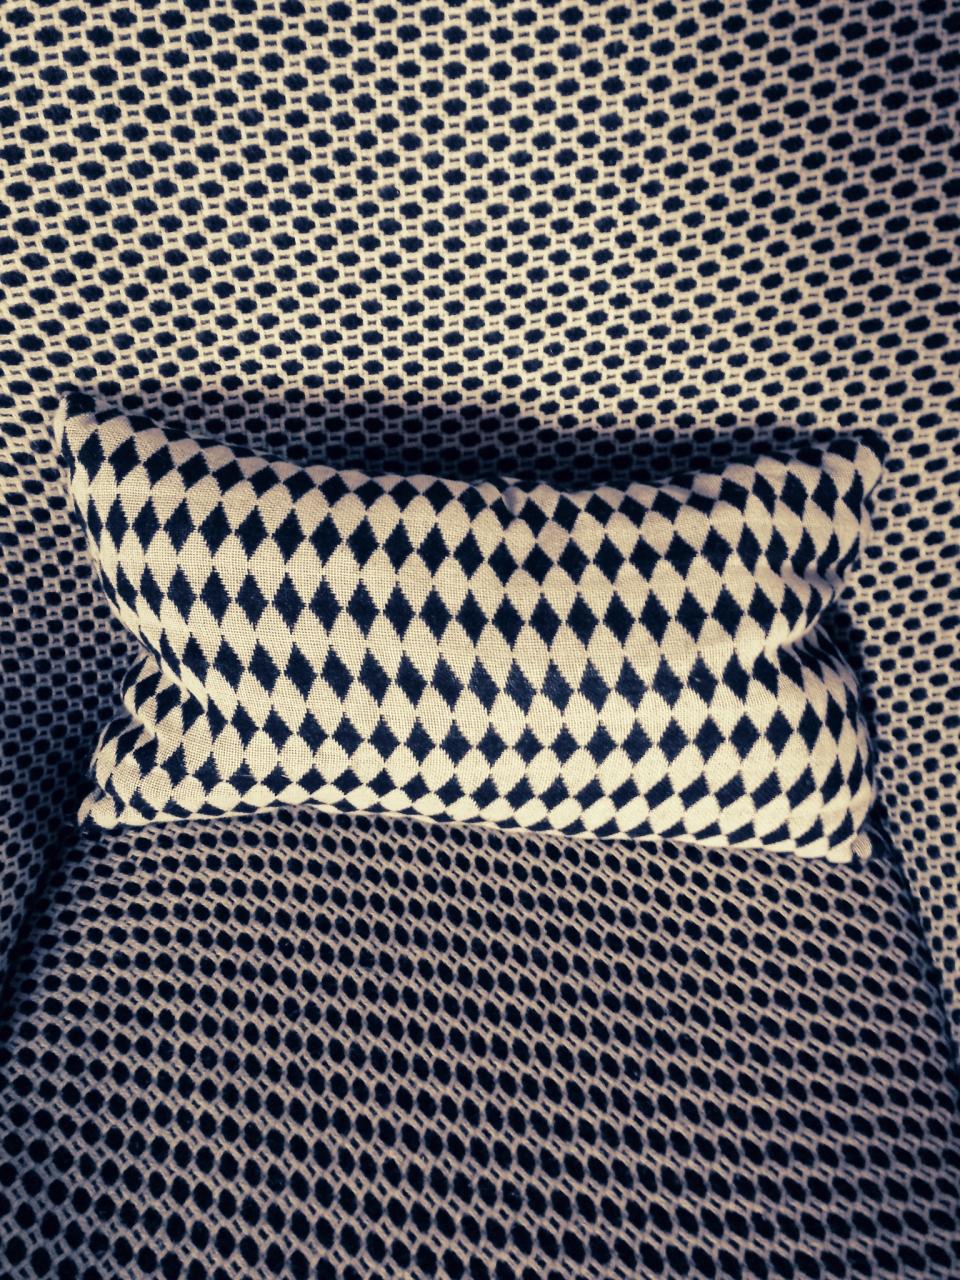 reprise du bricolage apr s une absence de longue dur e mais on a une excuse la fibre. Black Bedroom Furniture Sets. Home Design Ideas